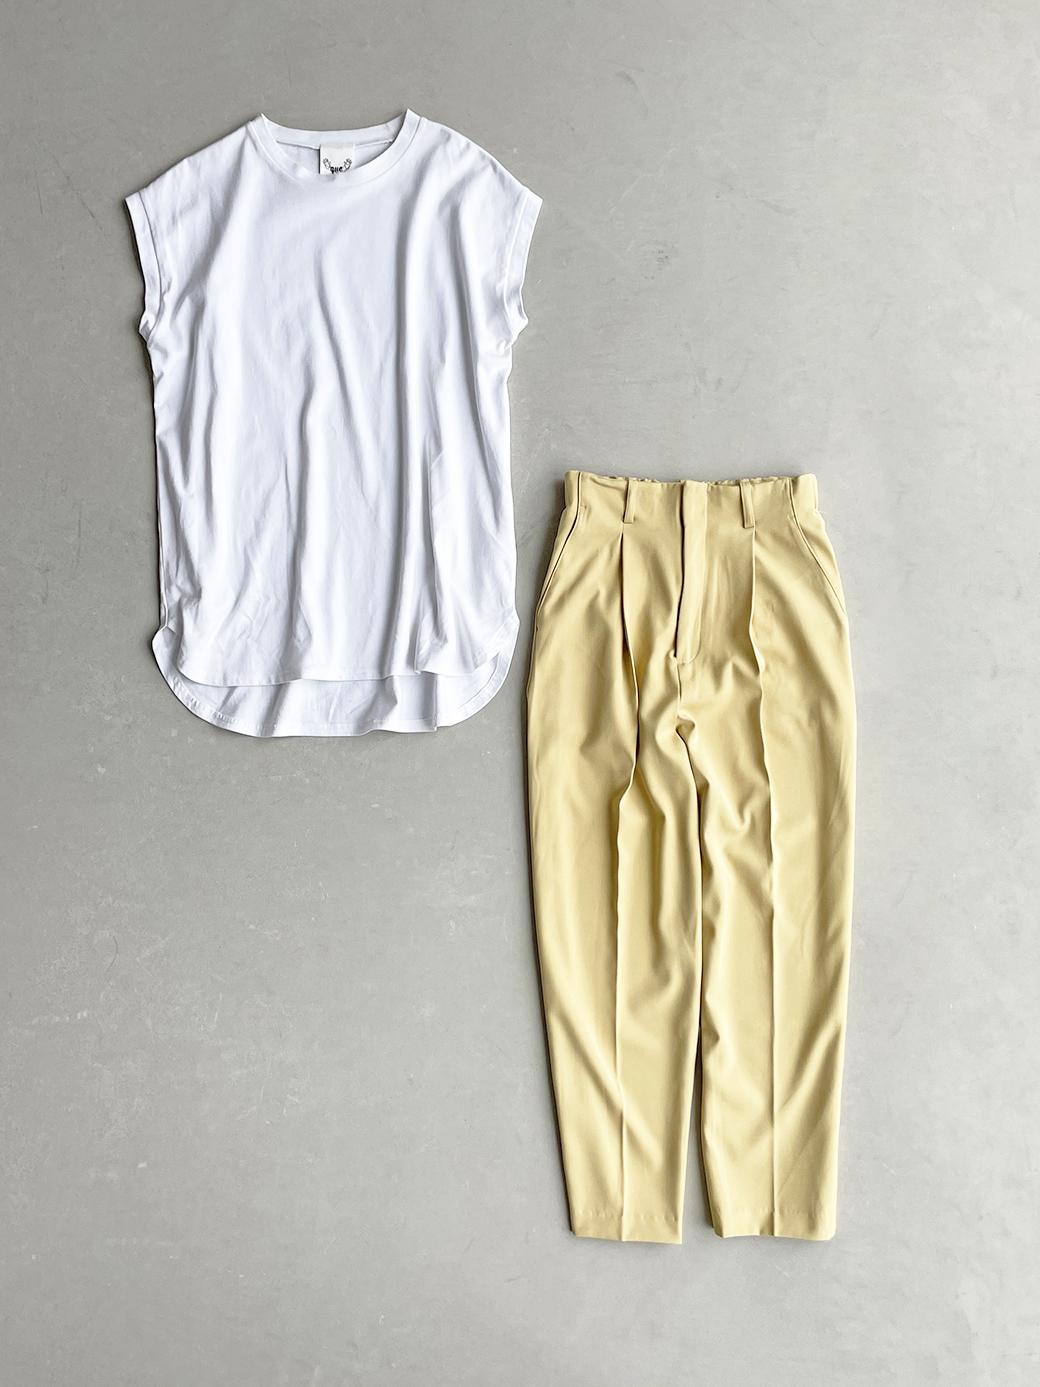 haco! 迷った朝はこれ着よう!元気が出るきれい色パンツにちょい袖大人Tシャツを合わせておいた作り置きコーデセット by que made me <その他>の商品写真2